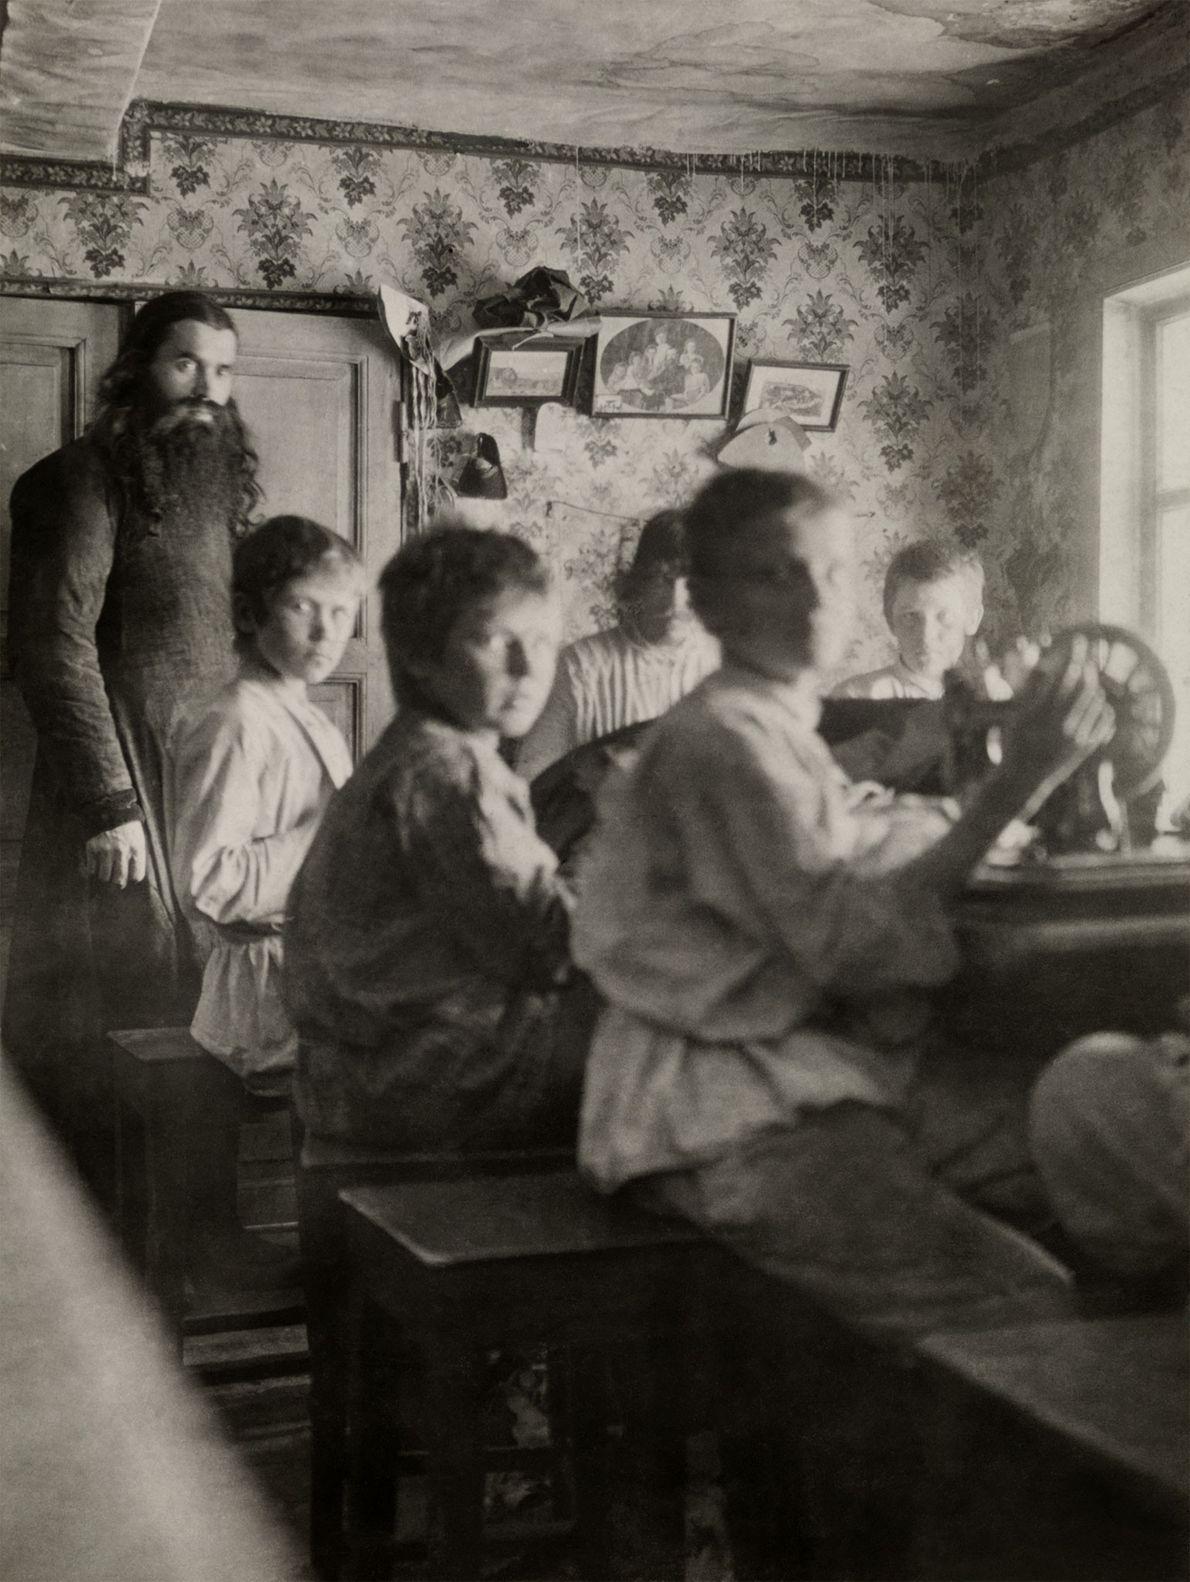 Diese Schüler besuchen eine Schneiderschule im russischen Kloster Petschenga, die von Mönchen geleitet wird. Die Aufnahme ...